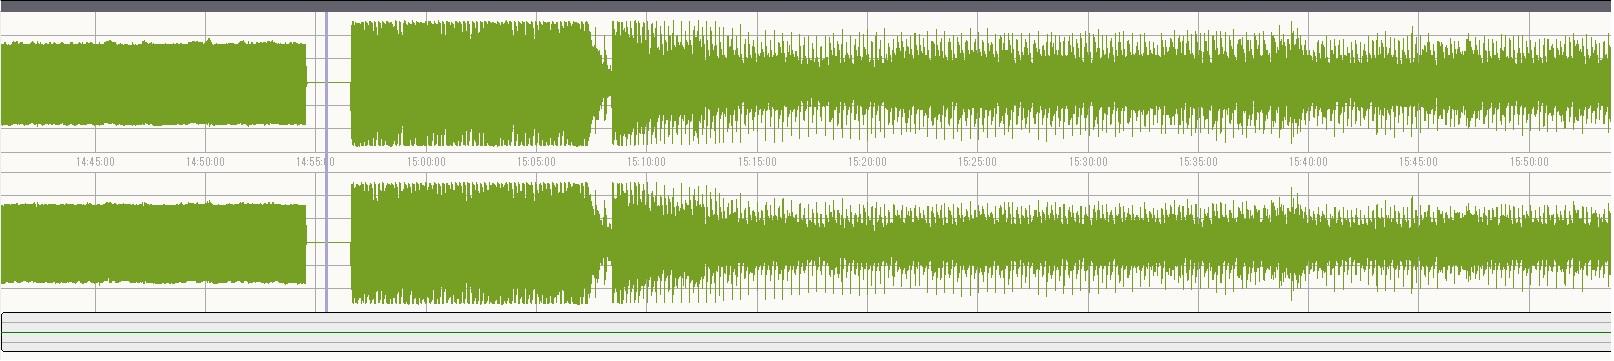 オート マニュアル録音波形